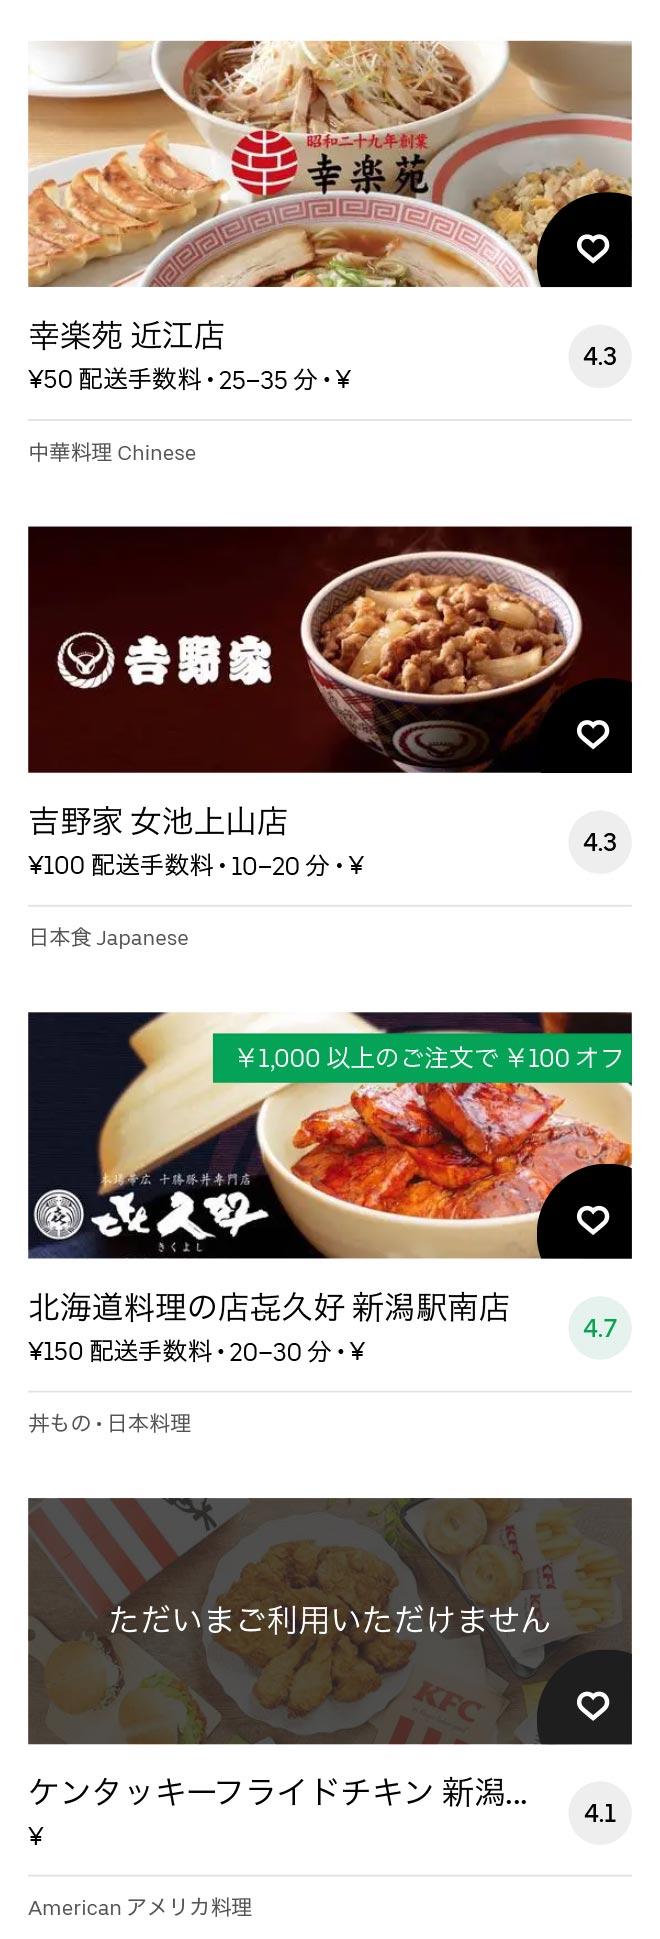 Kamiyama menu 2011 09